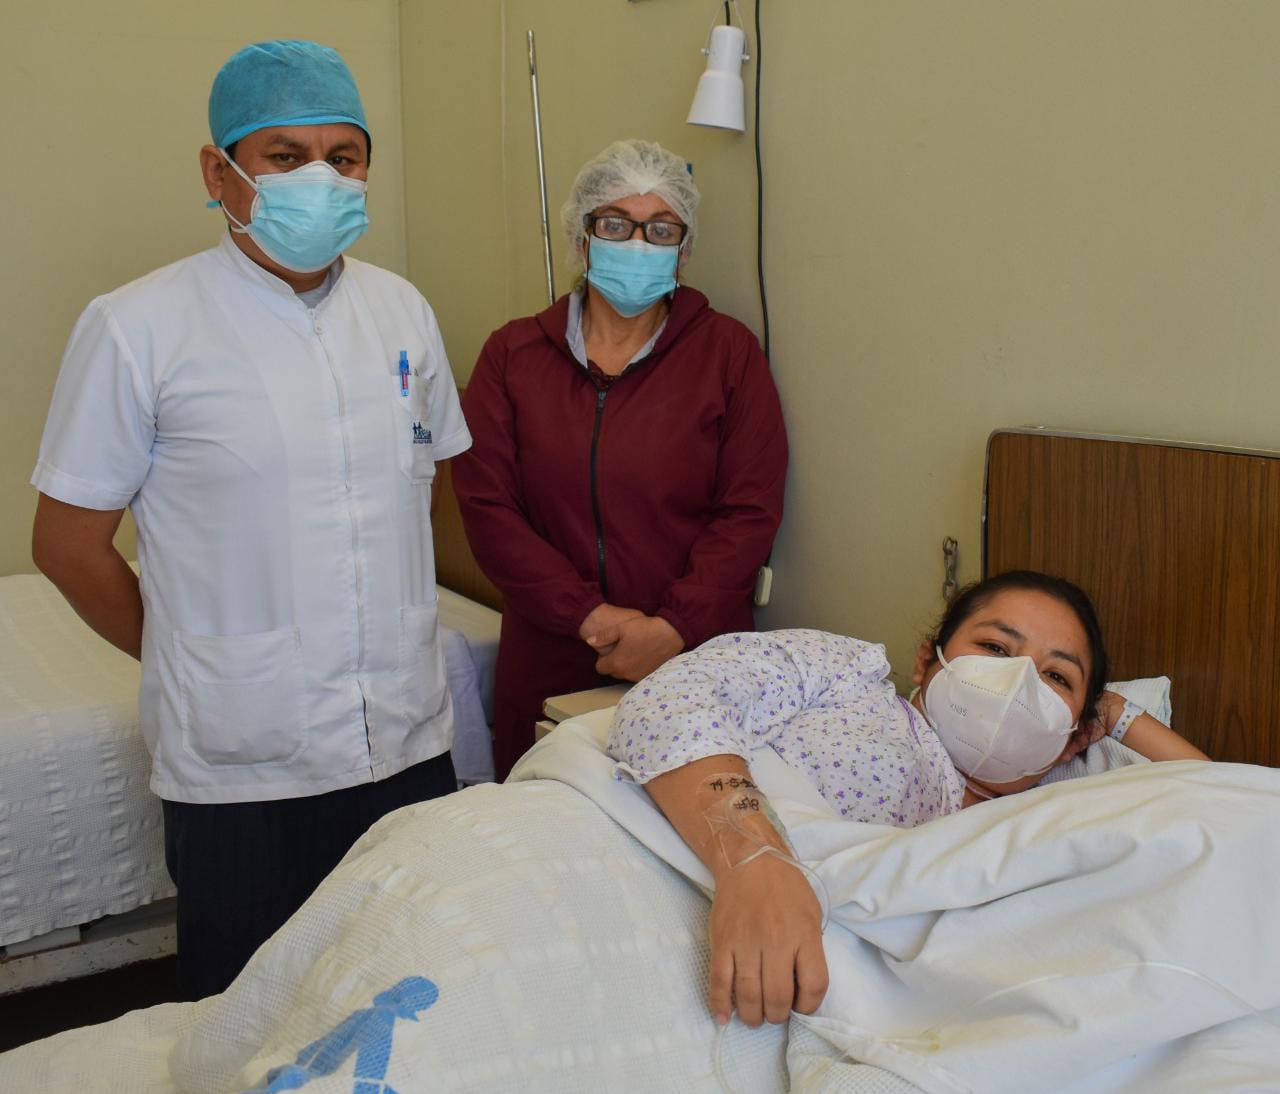 Essalud - EsSalud Tacna salvó la vida de madre gestante internada en UCI por Covid-19 y la de su bebé